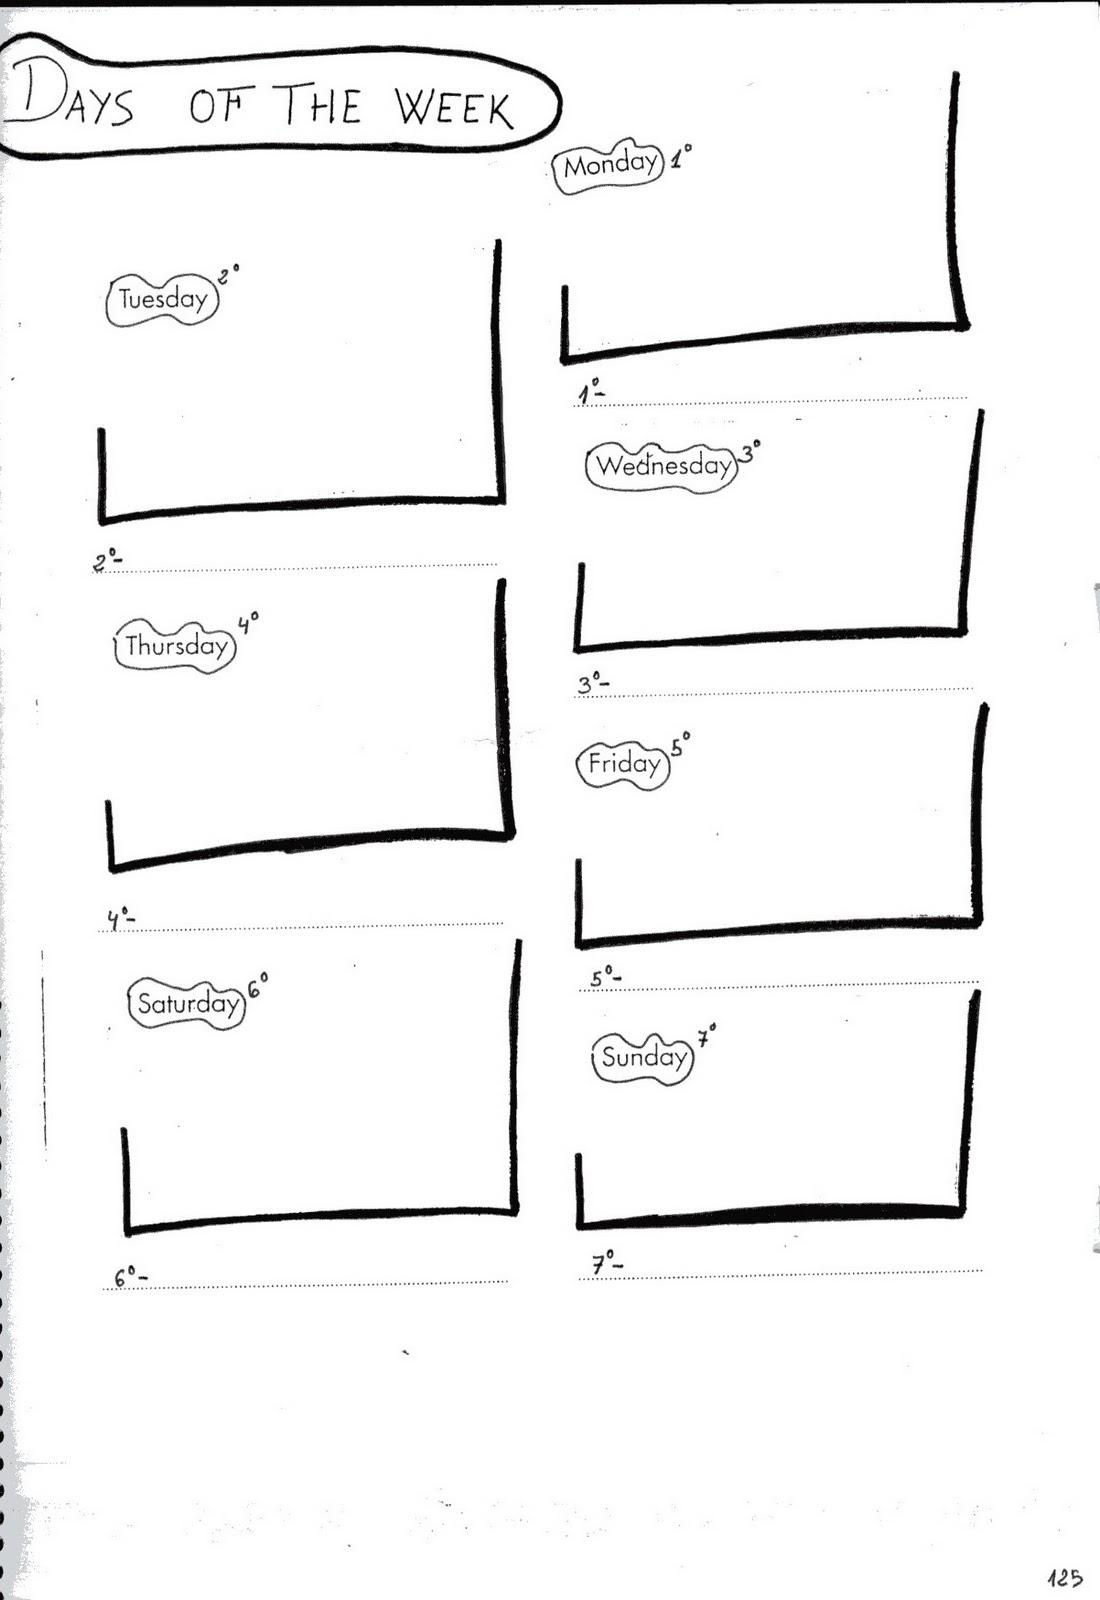 fichas de ingl s ficha days of the week 1 days of the week worksheets. Black Bedroom Furniture Sets. Home Design Ideas